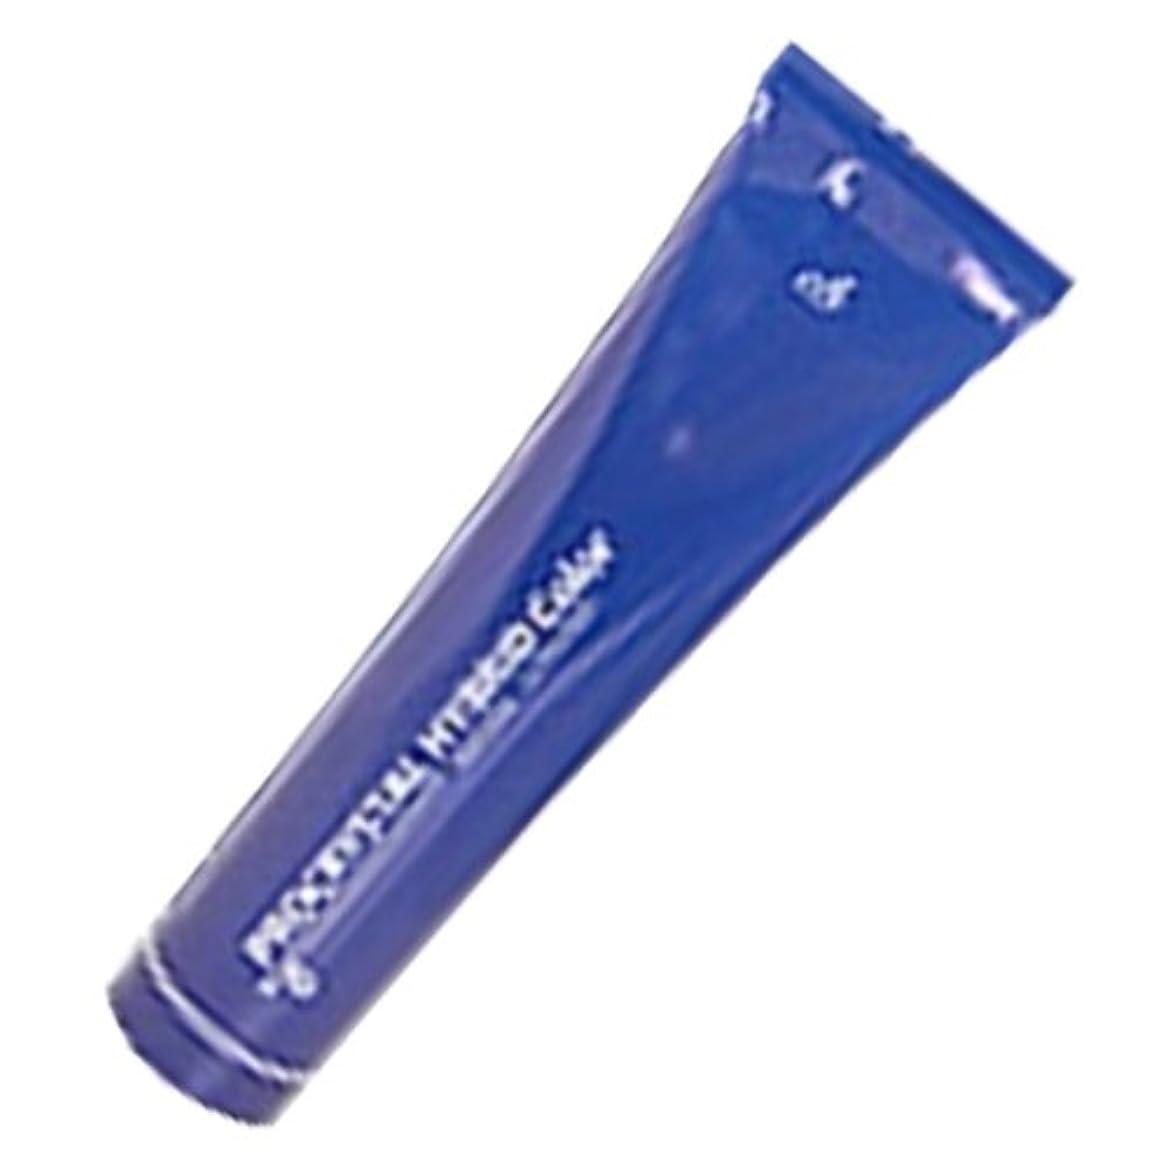 熟達生むたっぷりアペティート プロクリスタル ハイブリッドカラー 100g (H-6CPB)